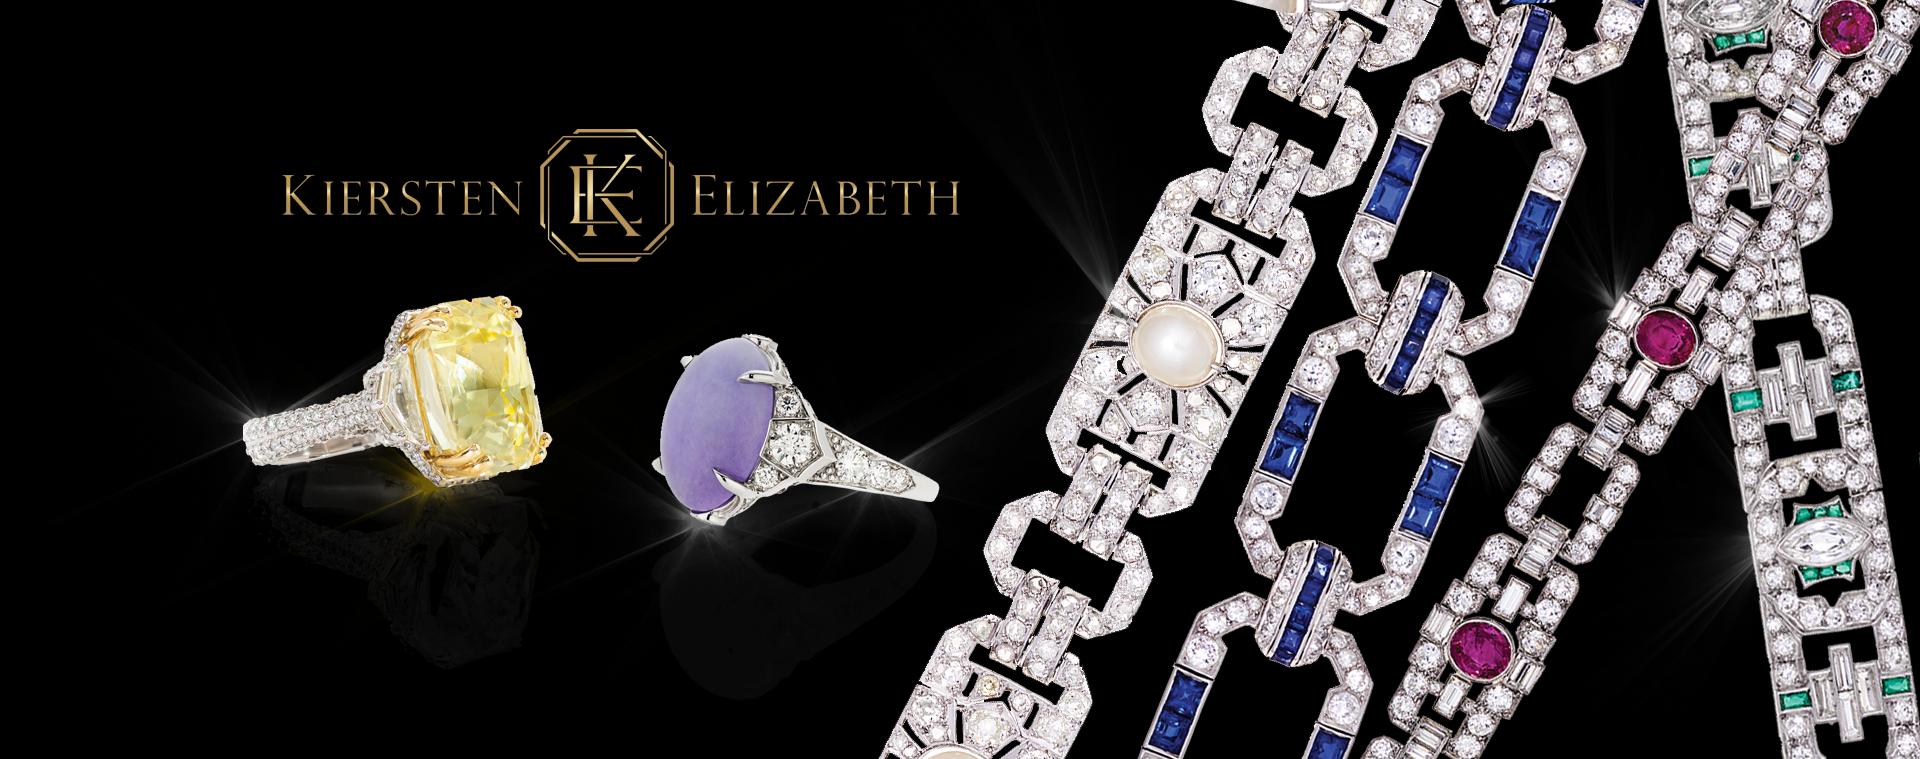 Kiersten Elizabeth Fine Jewelry